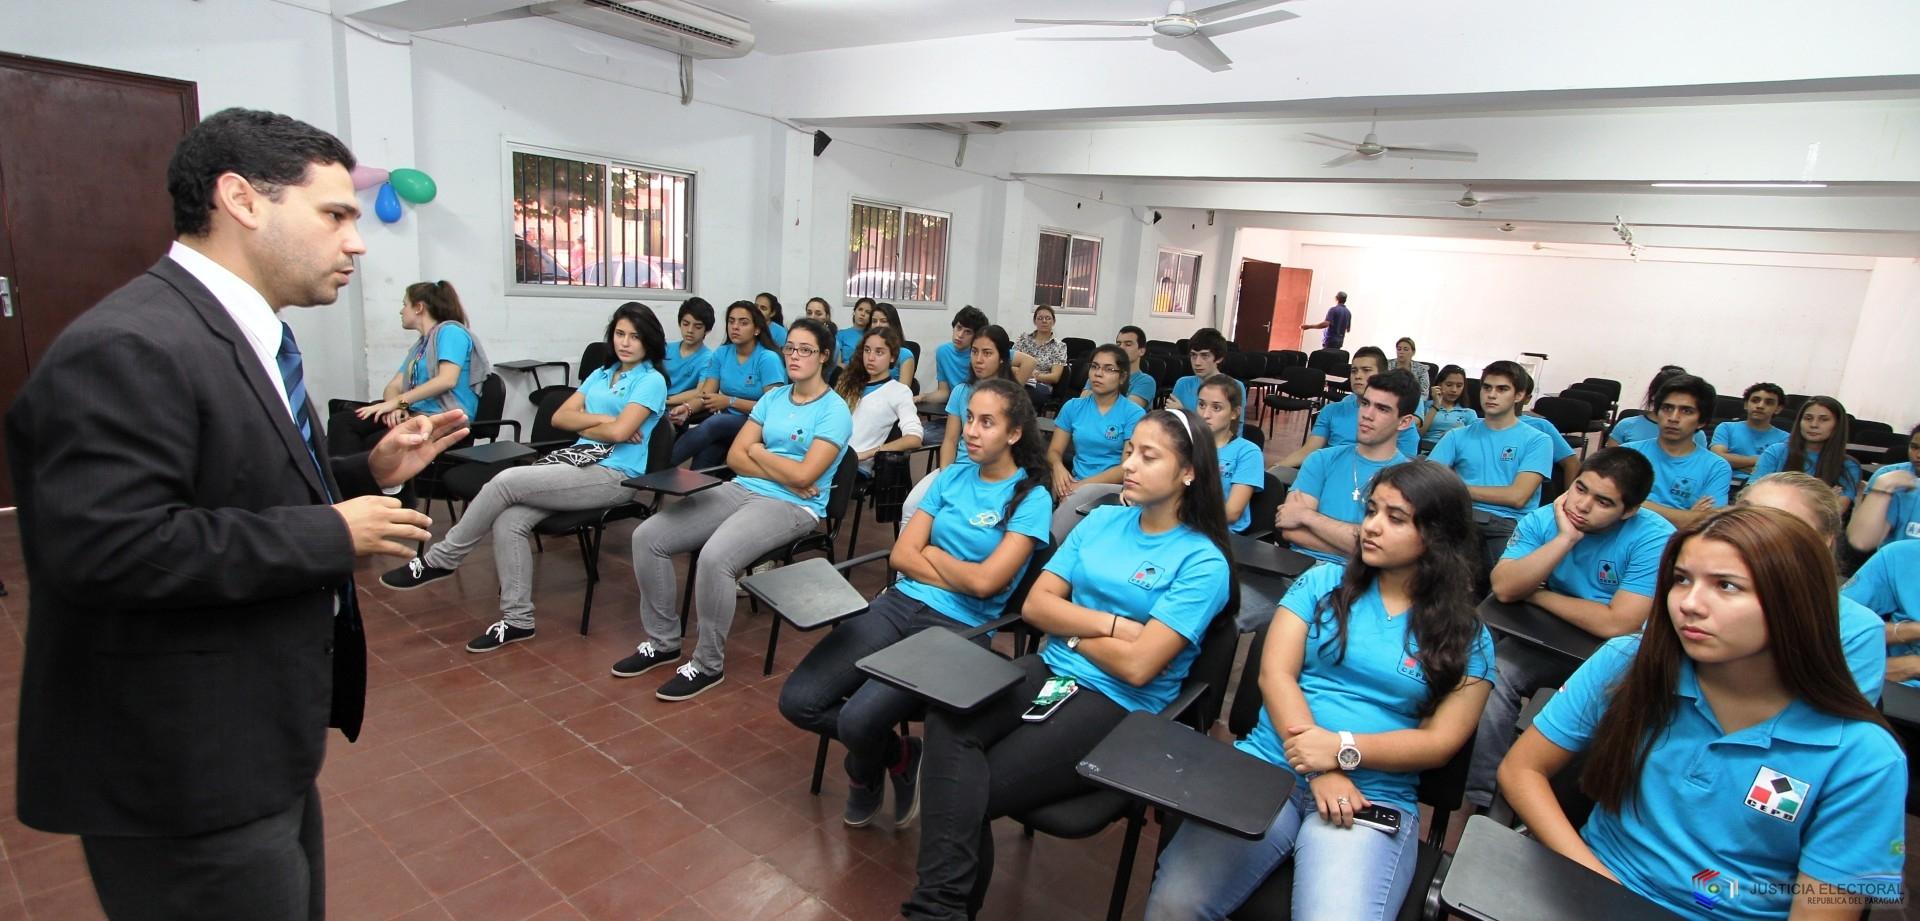 Mañana hay clases en Paraguay